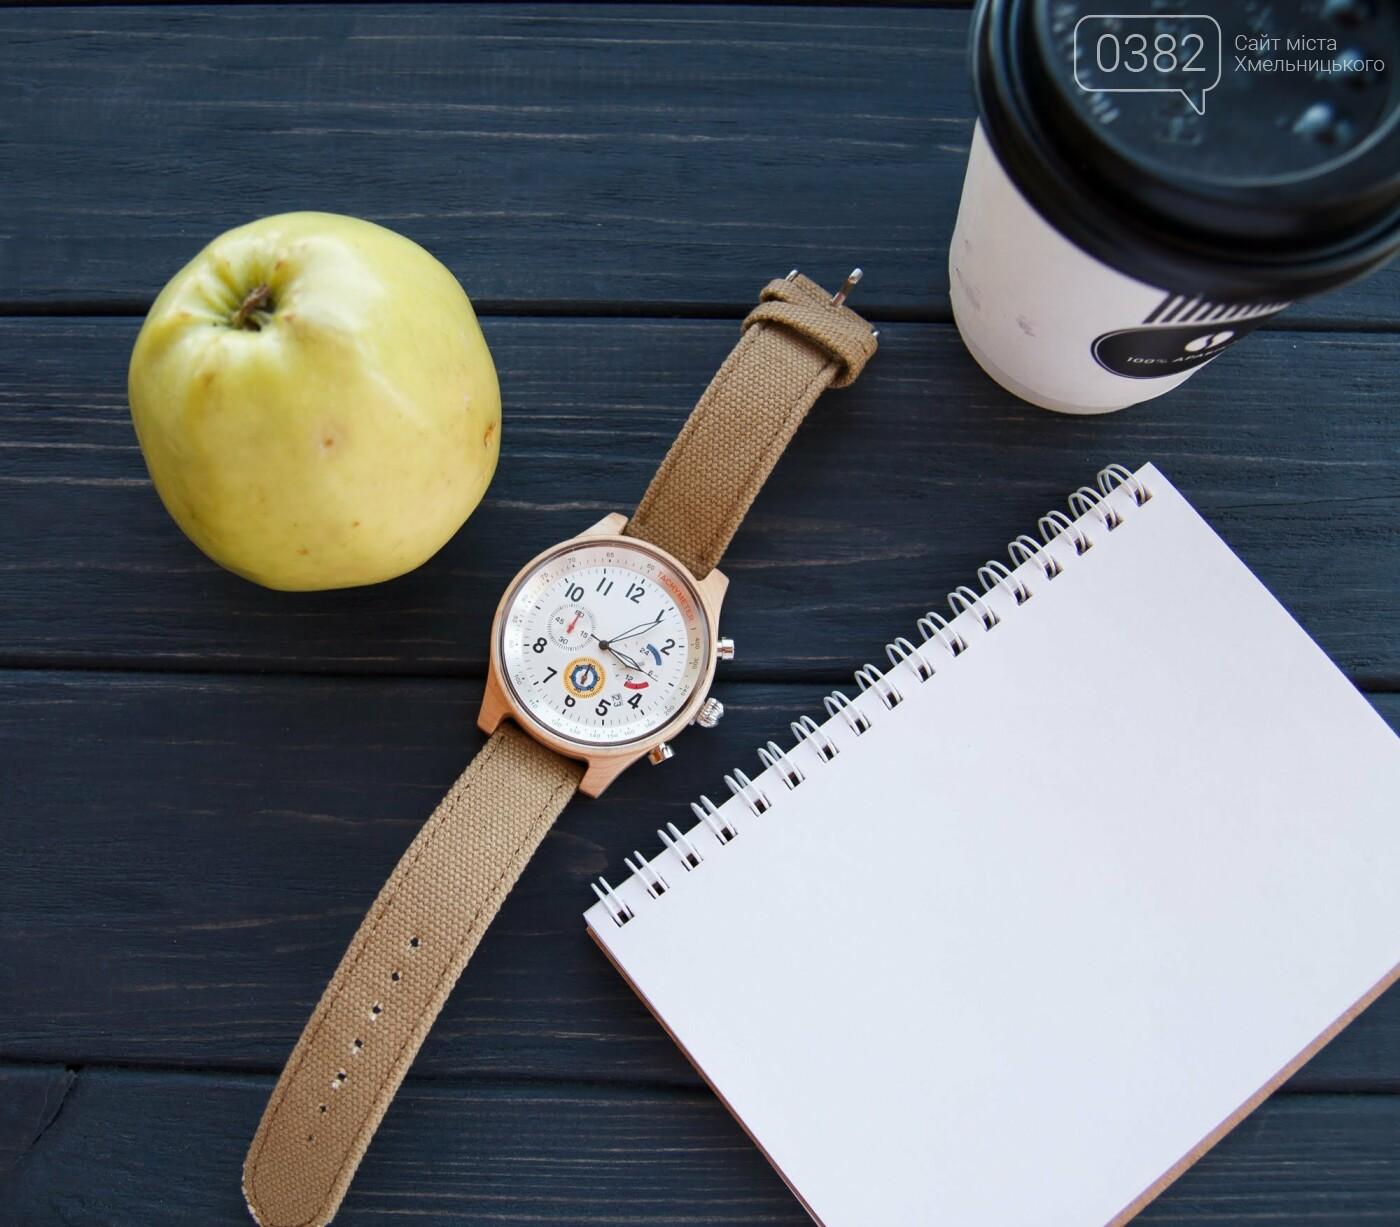 Модний, оригінальний, сучасний годинник. Найкращій подарунок на 14 жовтня!, фото-2